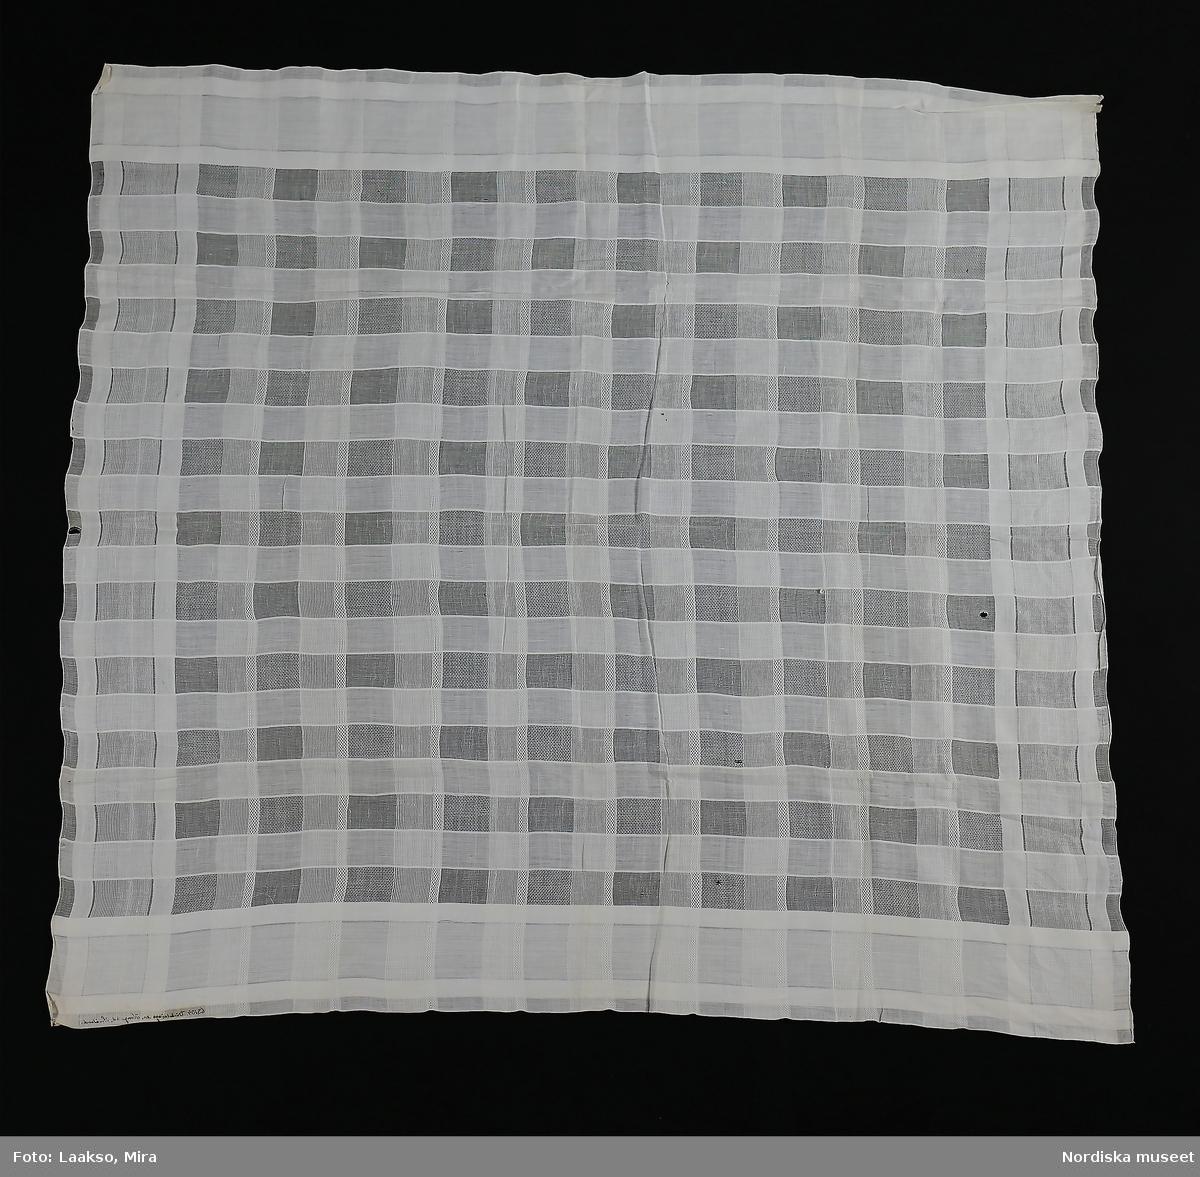 """Stort kläde, använt som huvudduk, av tunn fabriksvävd bomullsvävnad, rutig i tätare och glesare väv med olika bottnar i de glesa rutorna. 2 stadkanter och 2 ytterligt tunna handsydda fållar. Bilaga: """"Nytjad som huvudduk i Väckelsång socken."""" /Berit Eldvik 2010-06-23"""